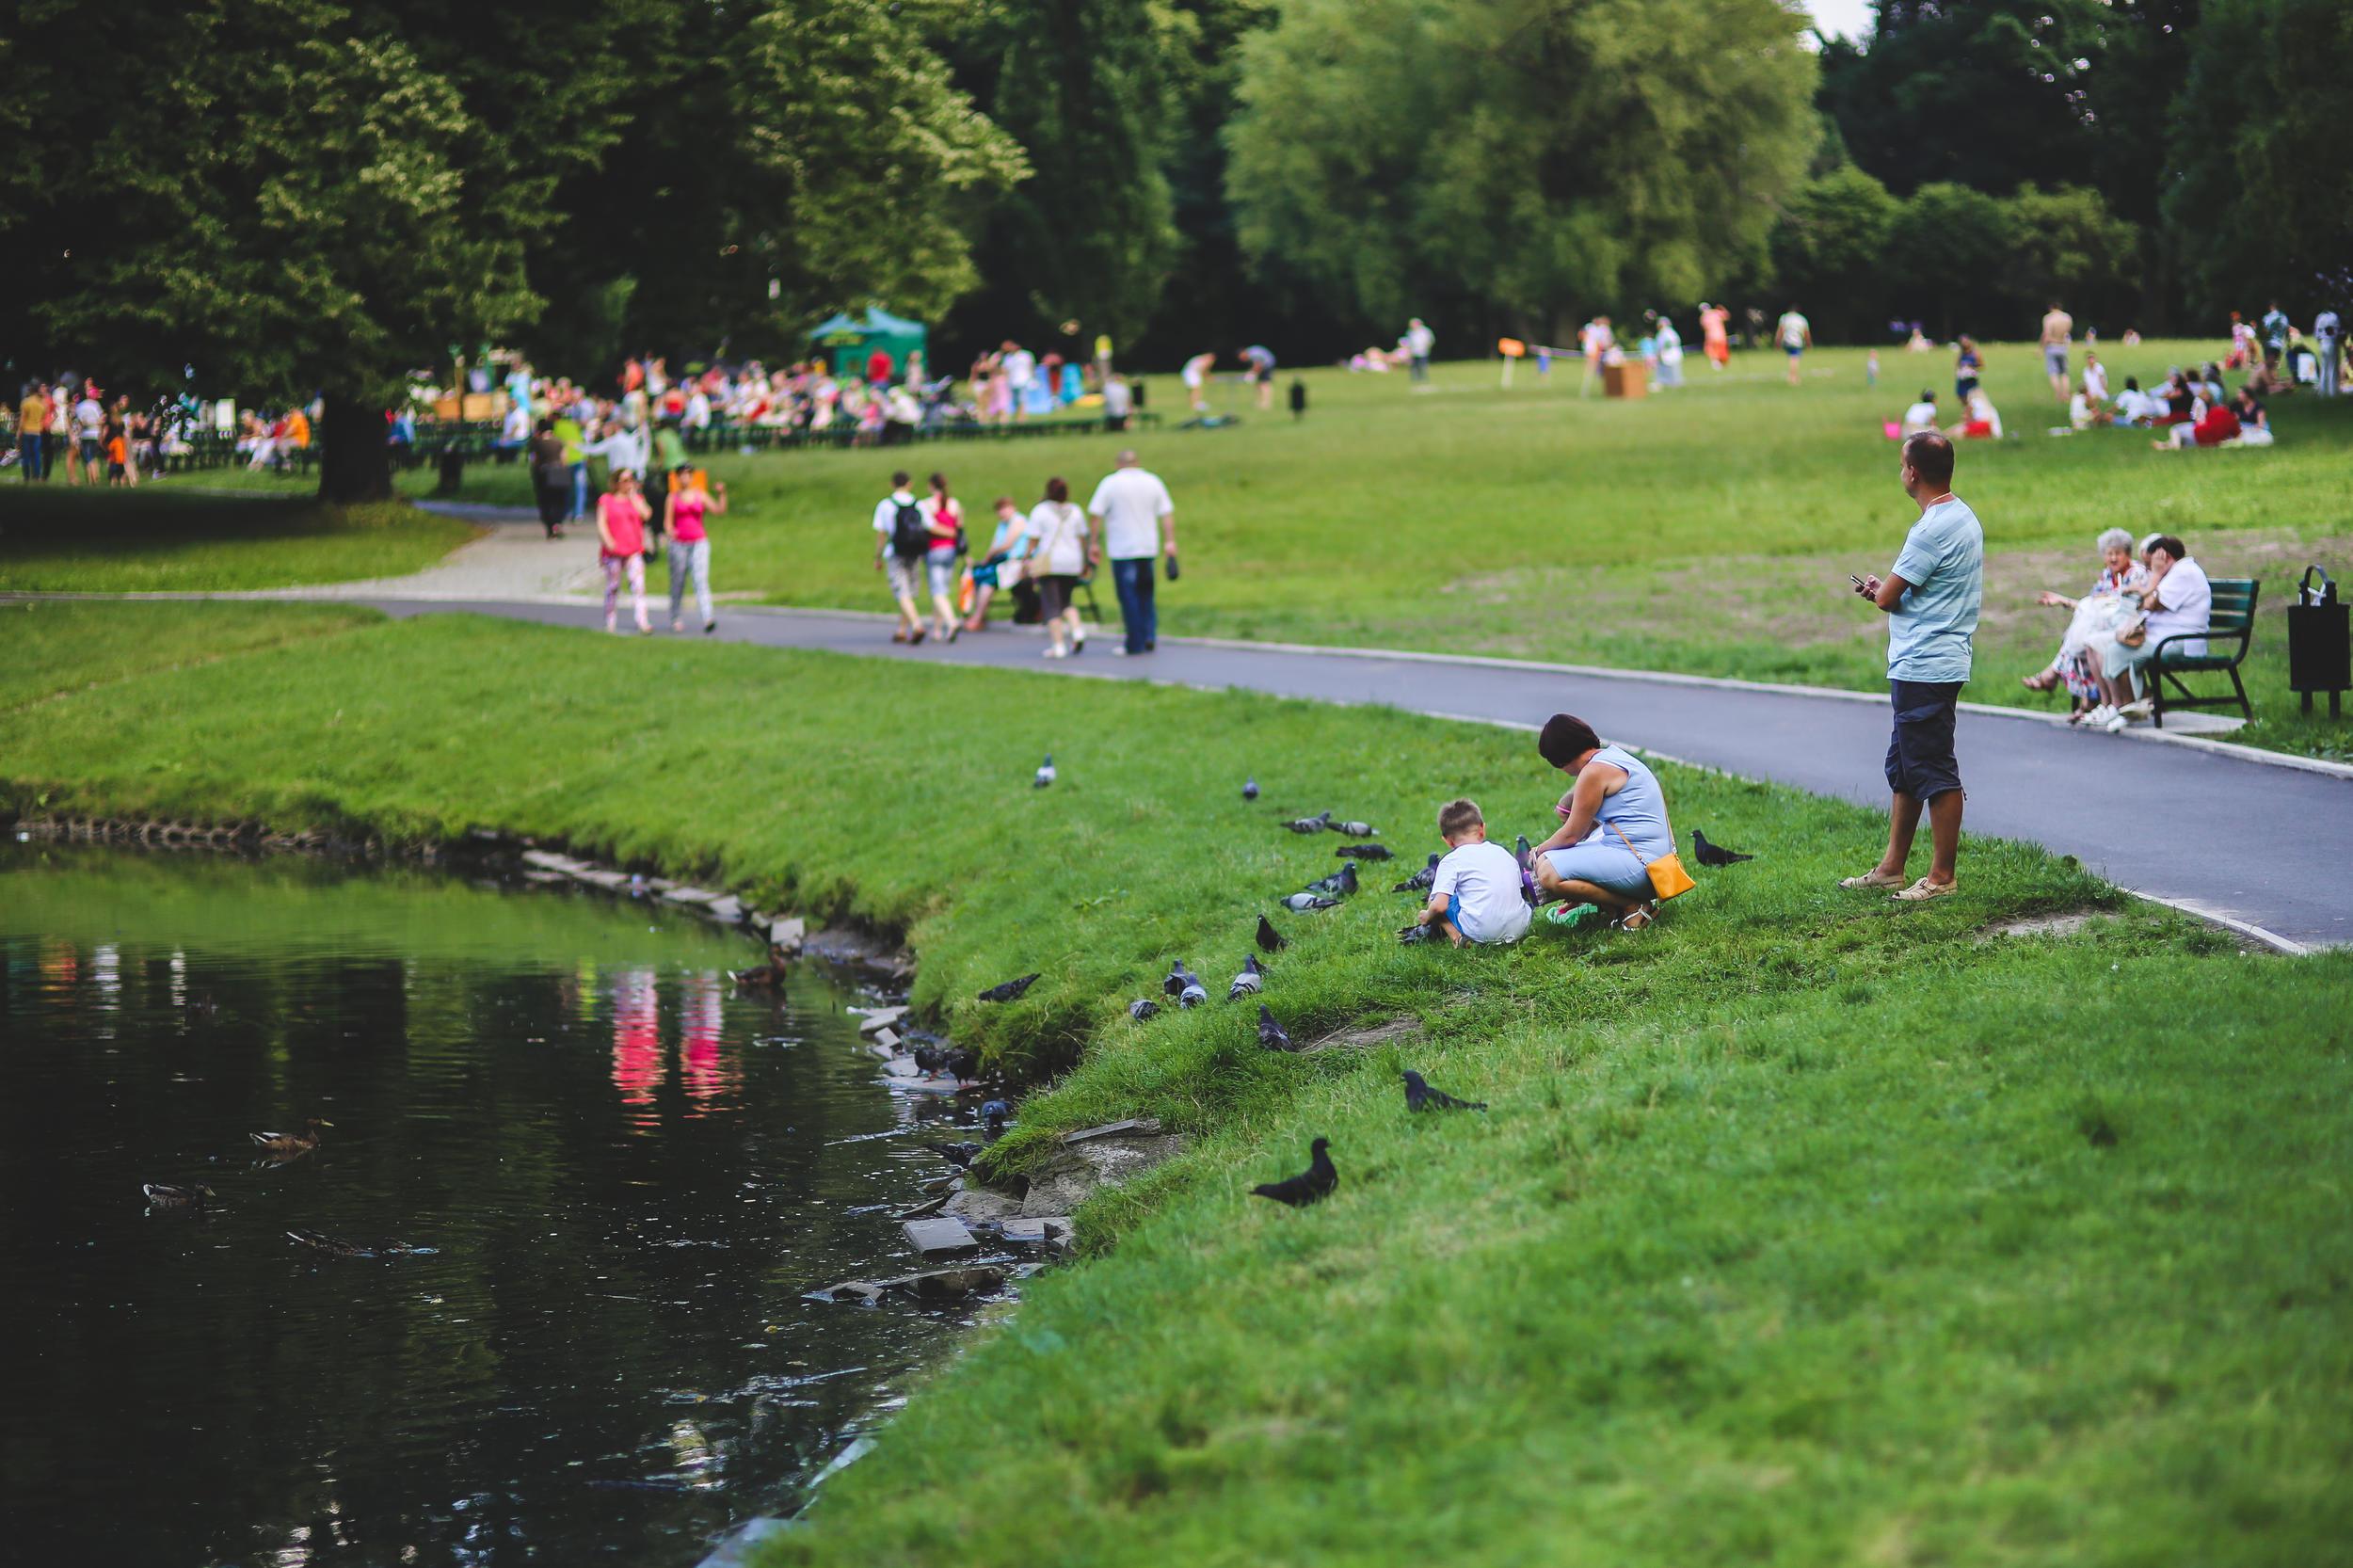 foto van nature met vogels en mensen